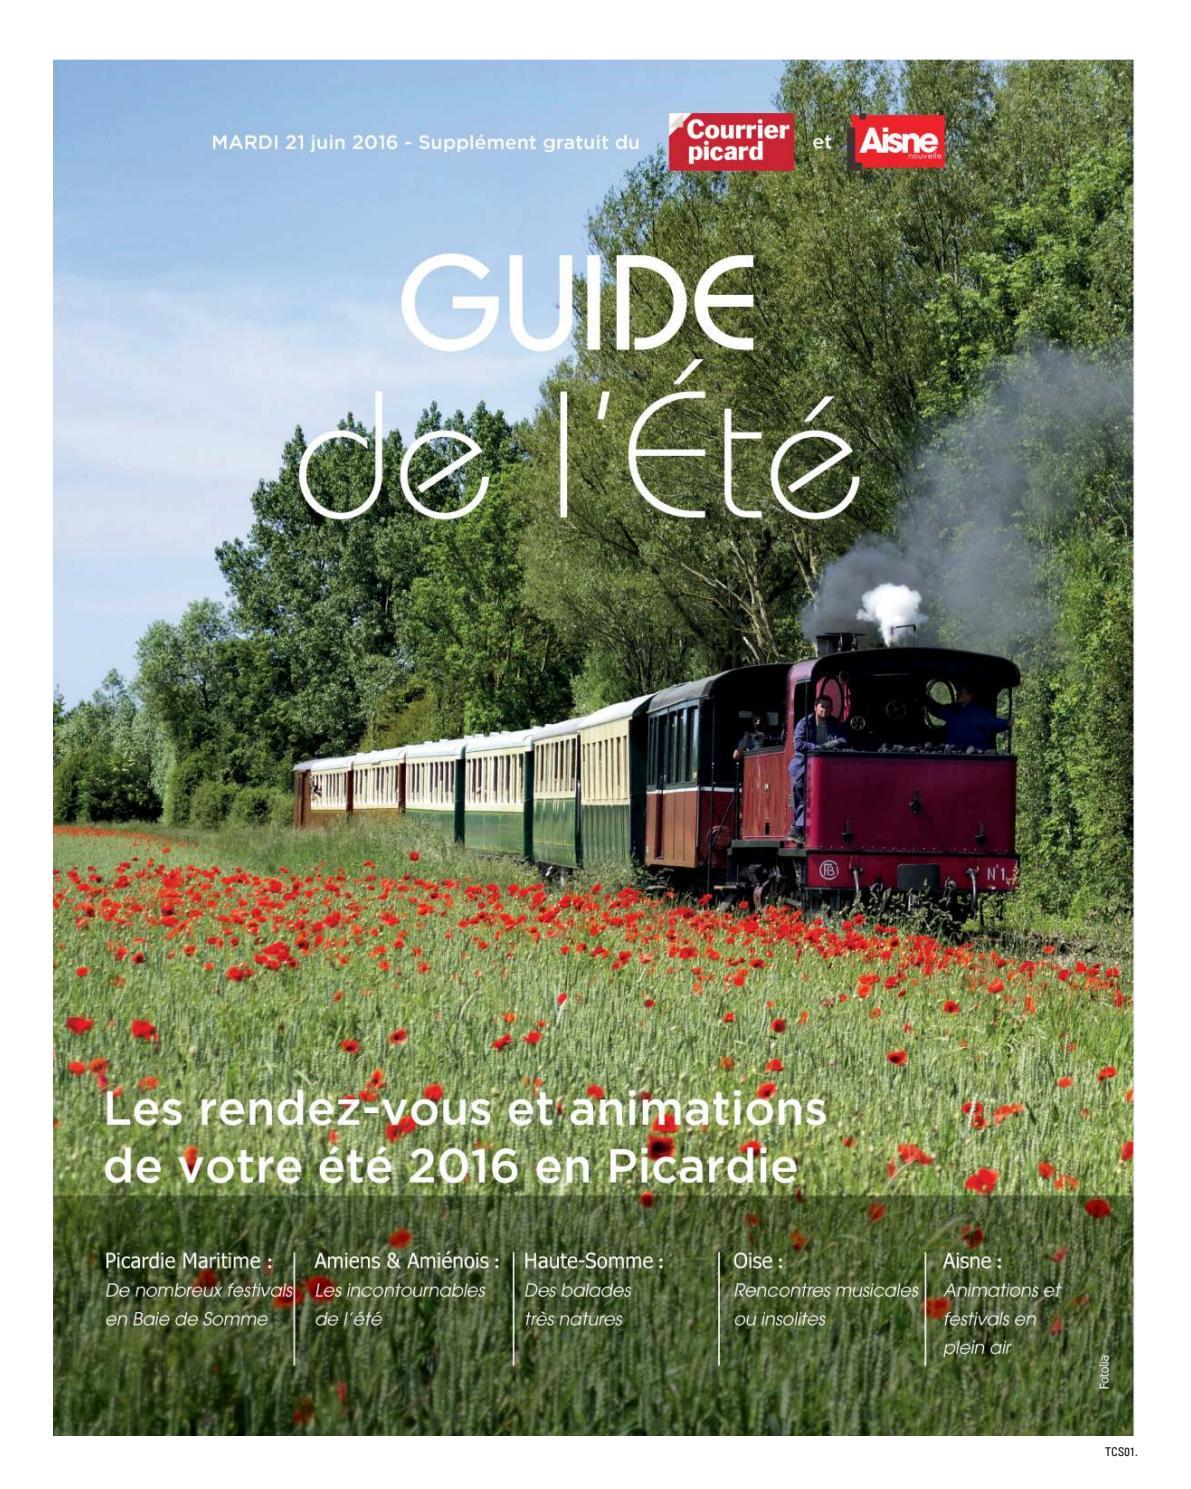 Guide De L'été 2016 By Picardie Médias Publicité - Issuu concernant Piscine Doullens